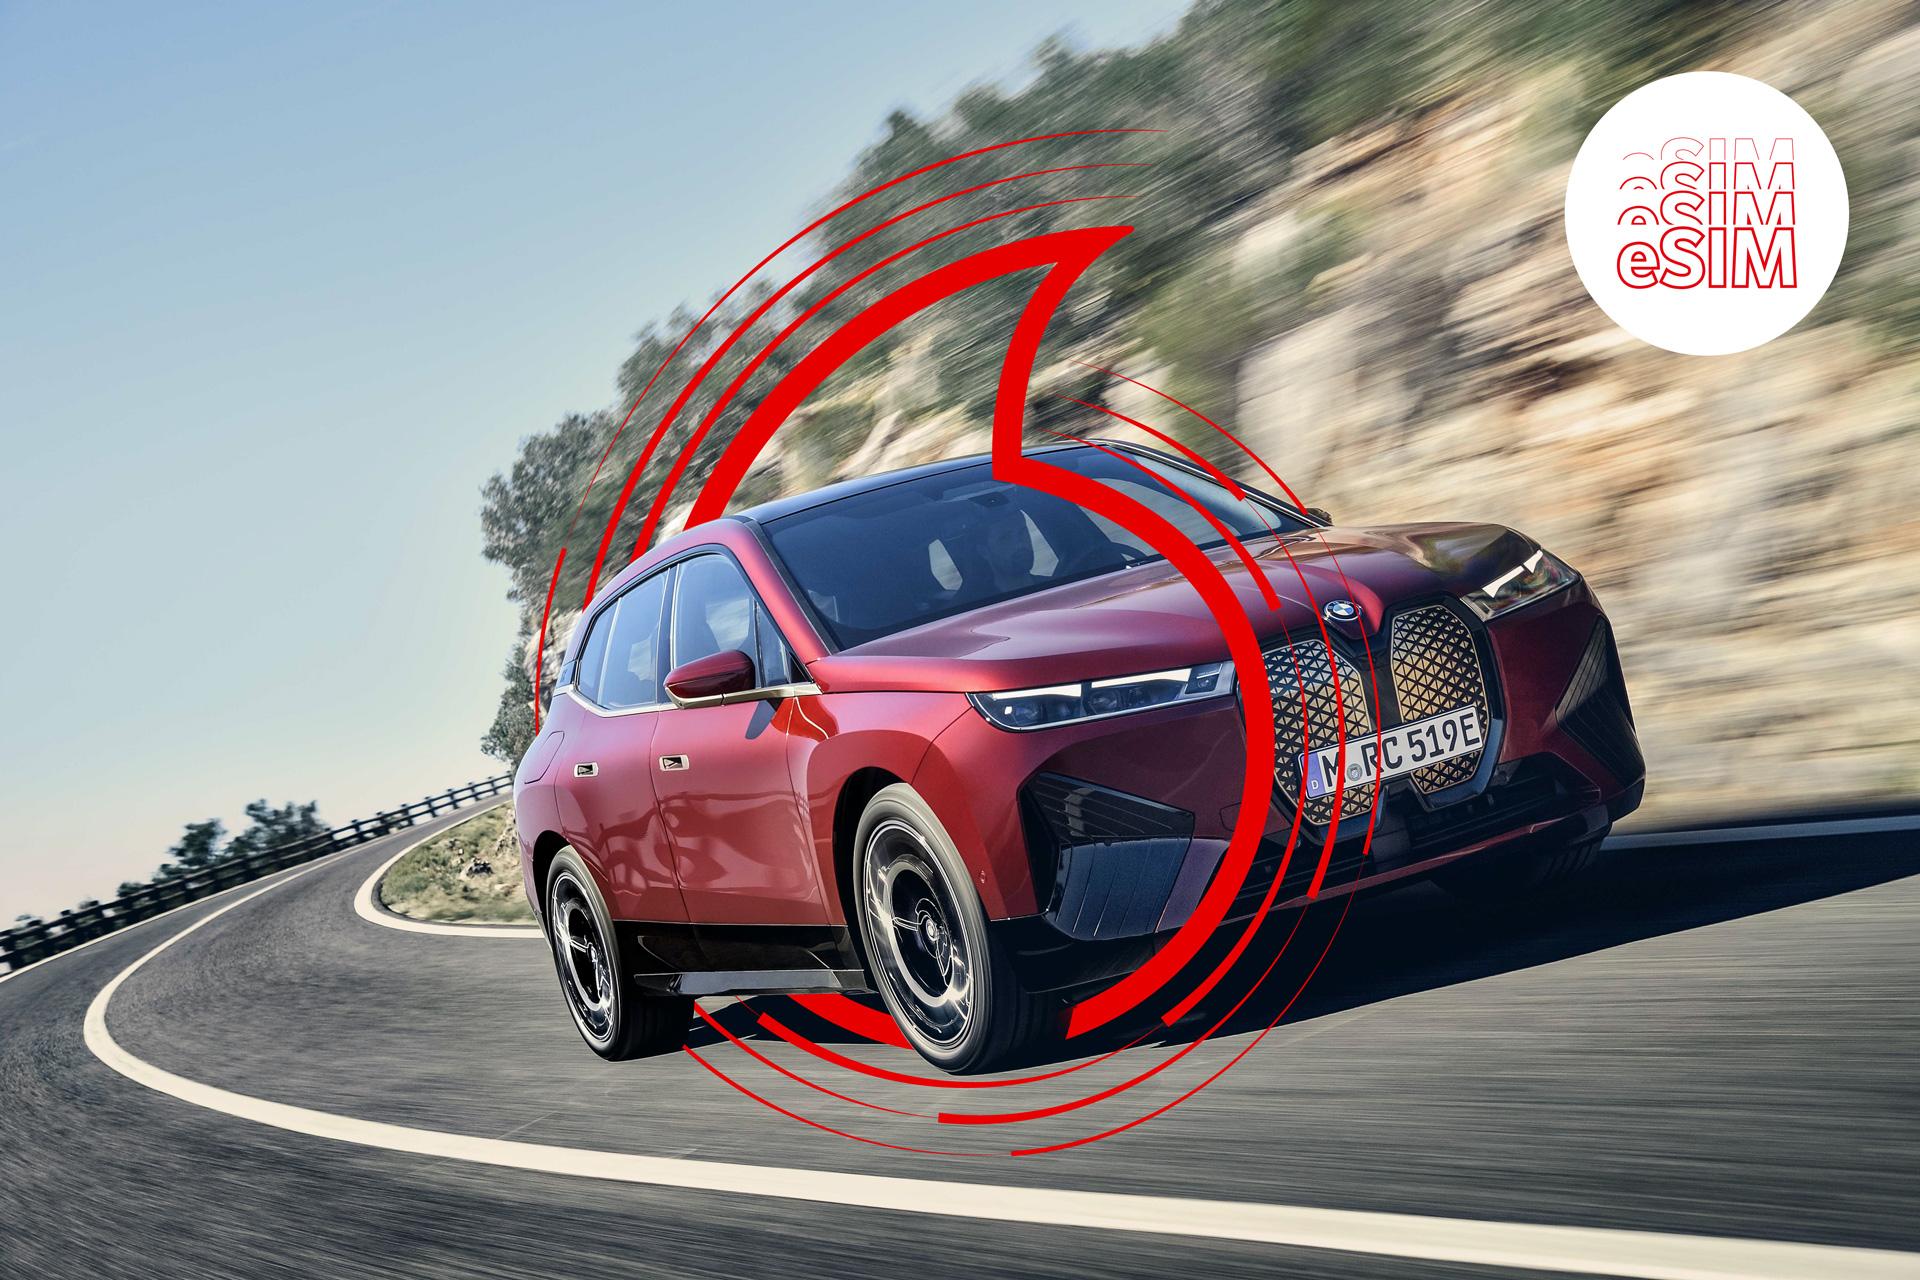 BMW-Fahrzeugstudie mit eSIM